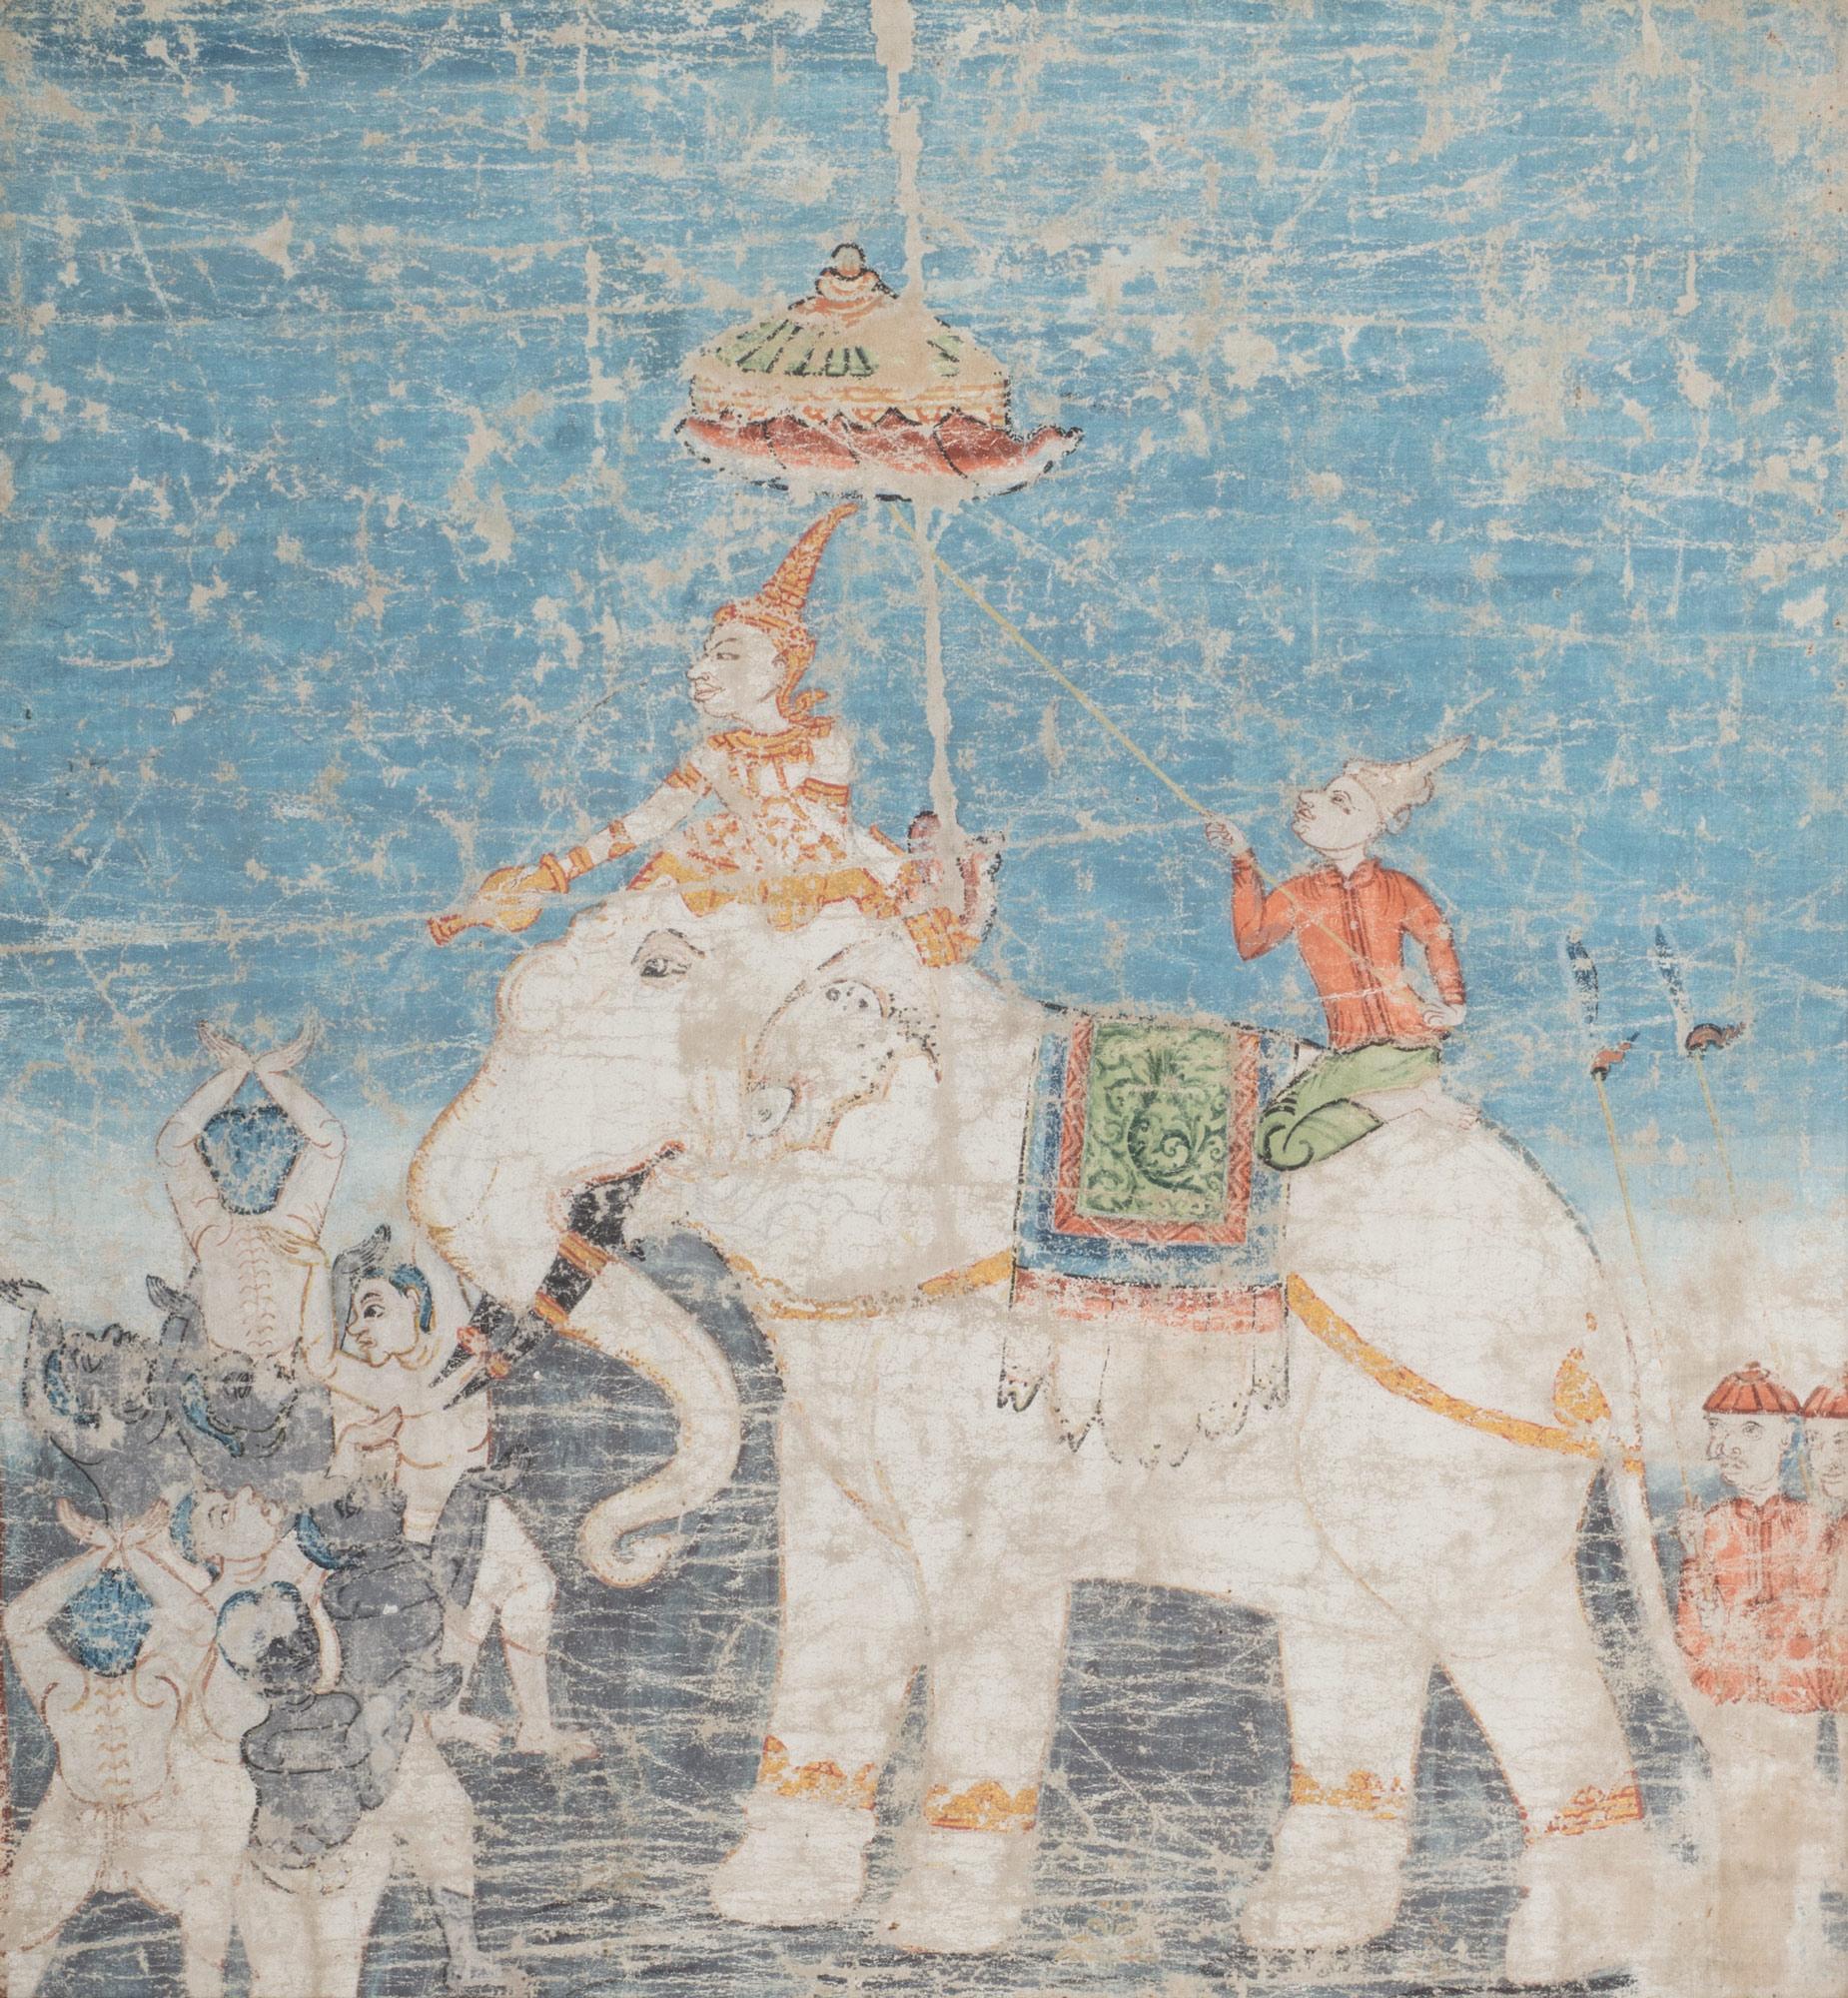 Pannello dipinto su tela con elefante bianco e personaggi, India fine secolo XVIII – inizio secolo XIX